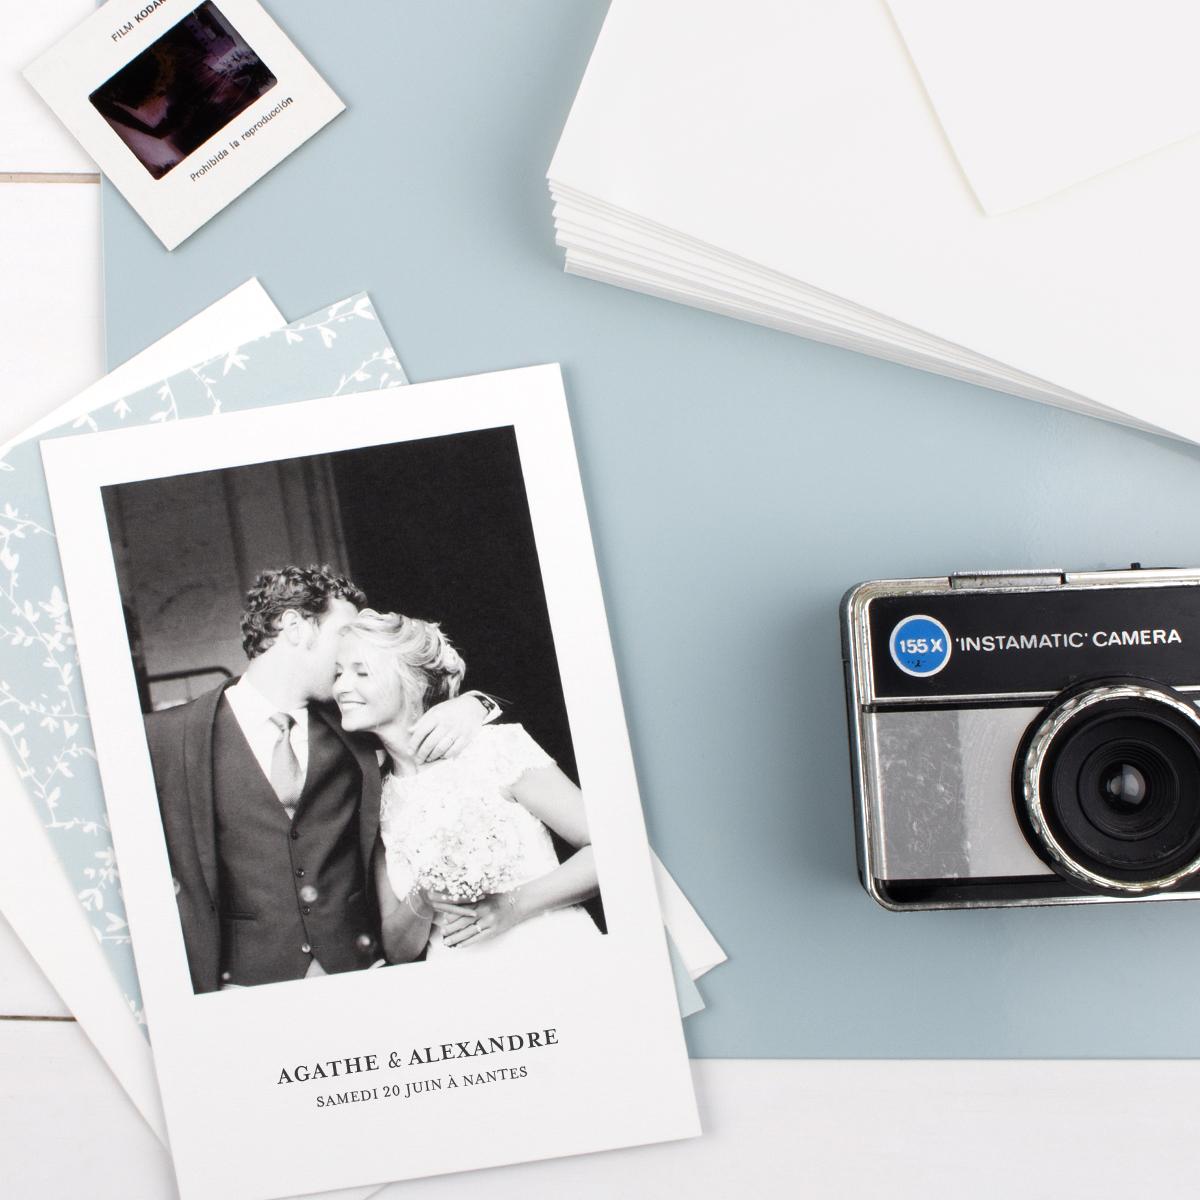 Carte de remerciement mise en situation avec enveloppe et appareil photo vintage